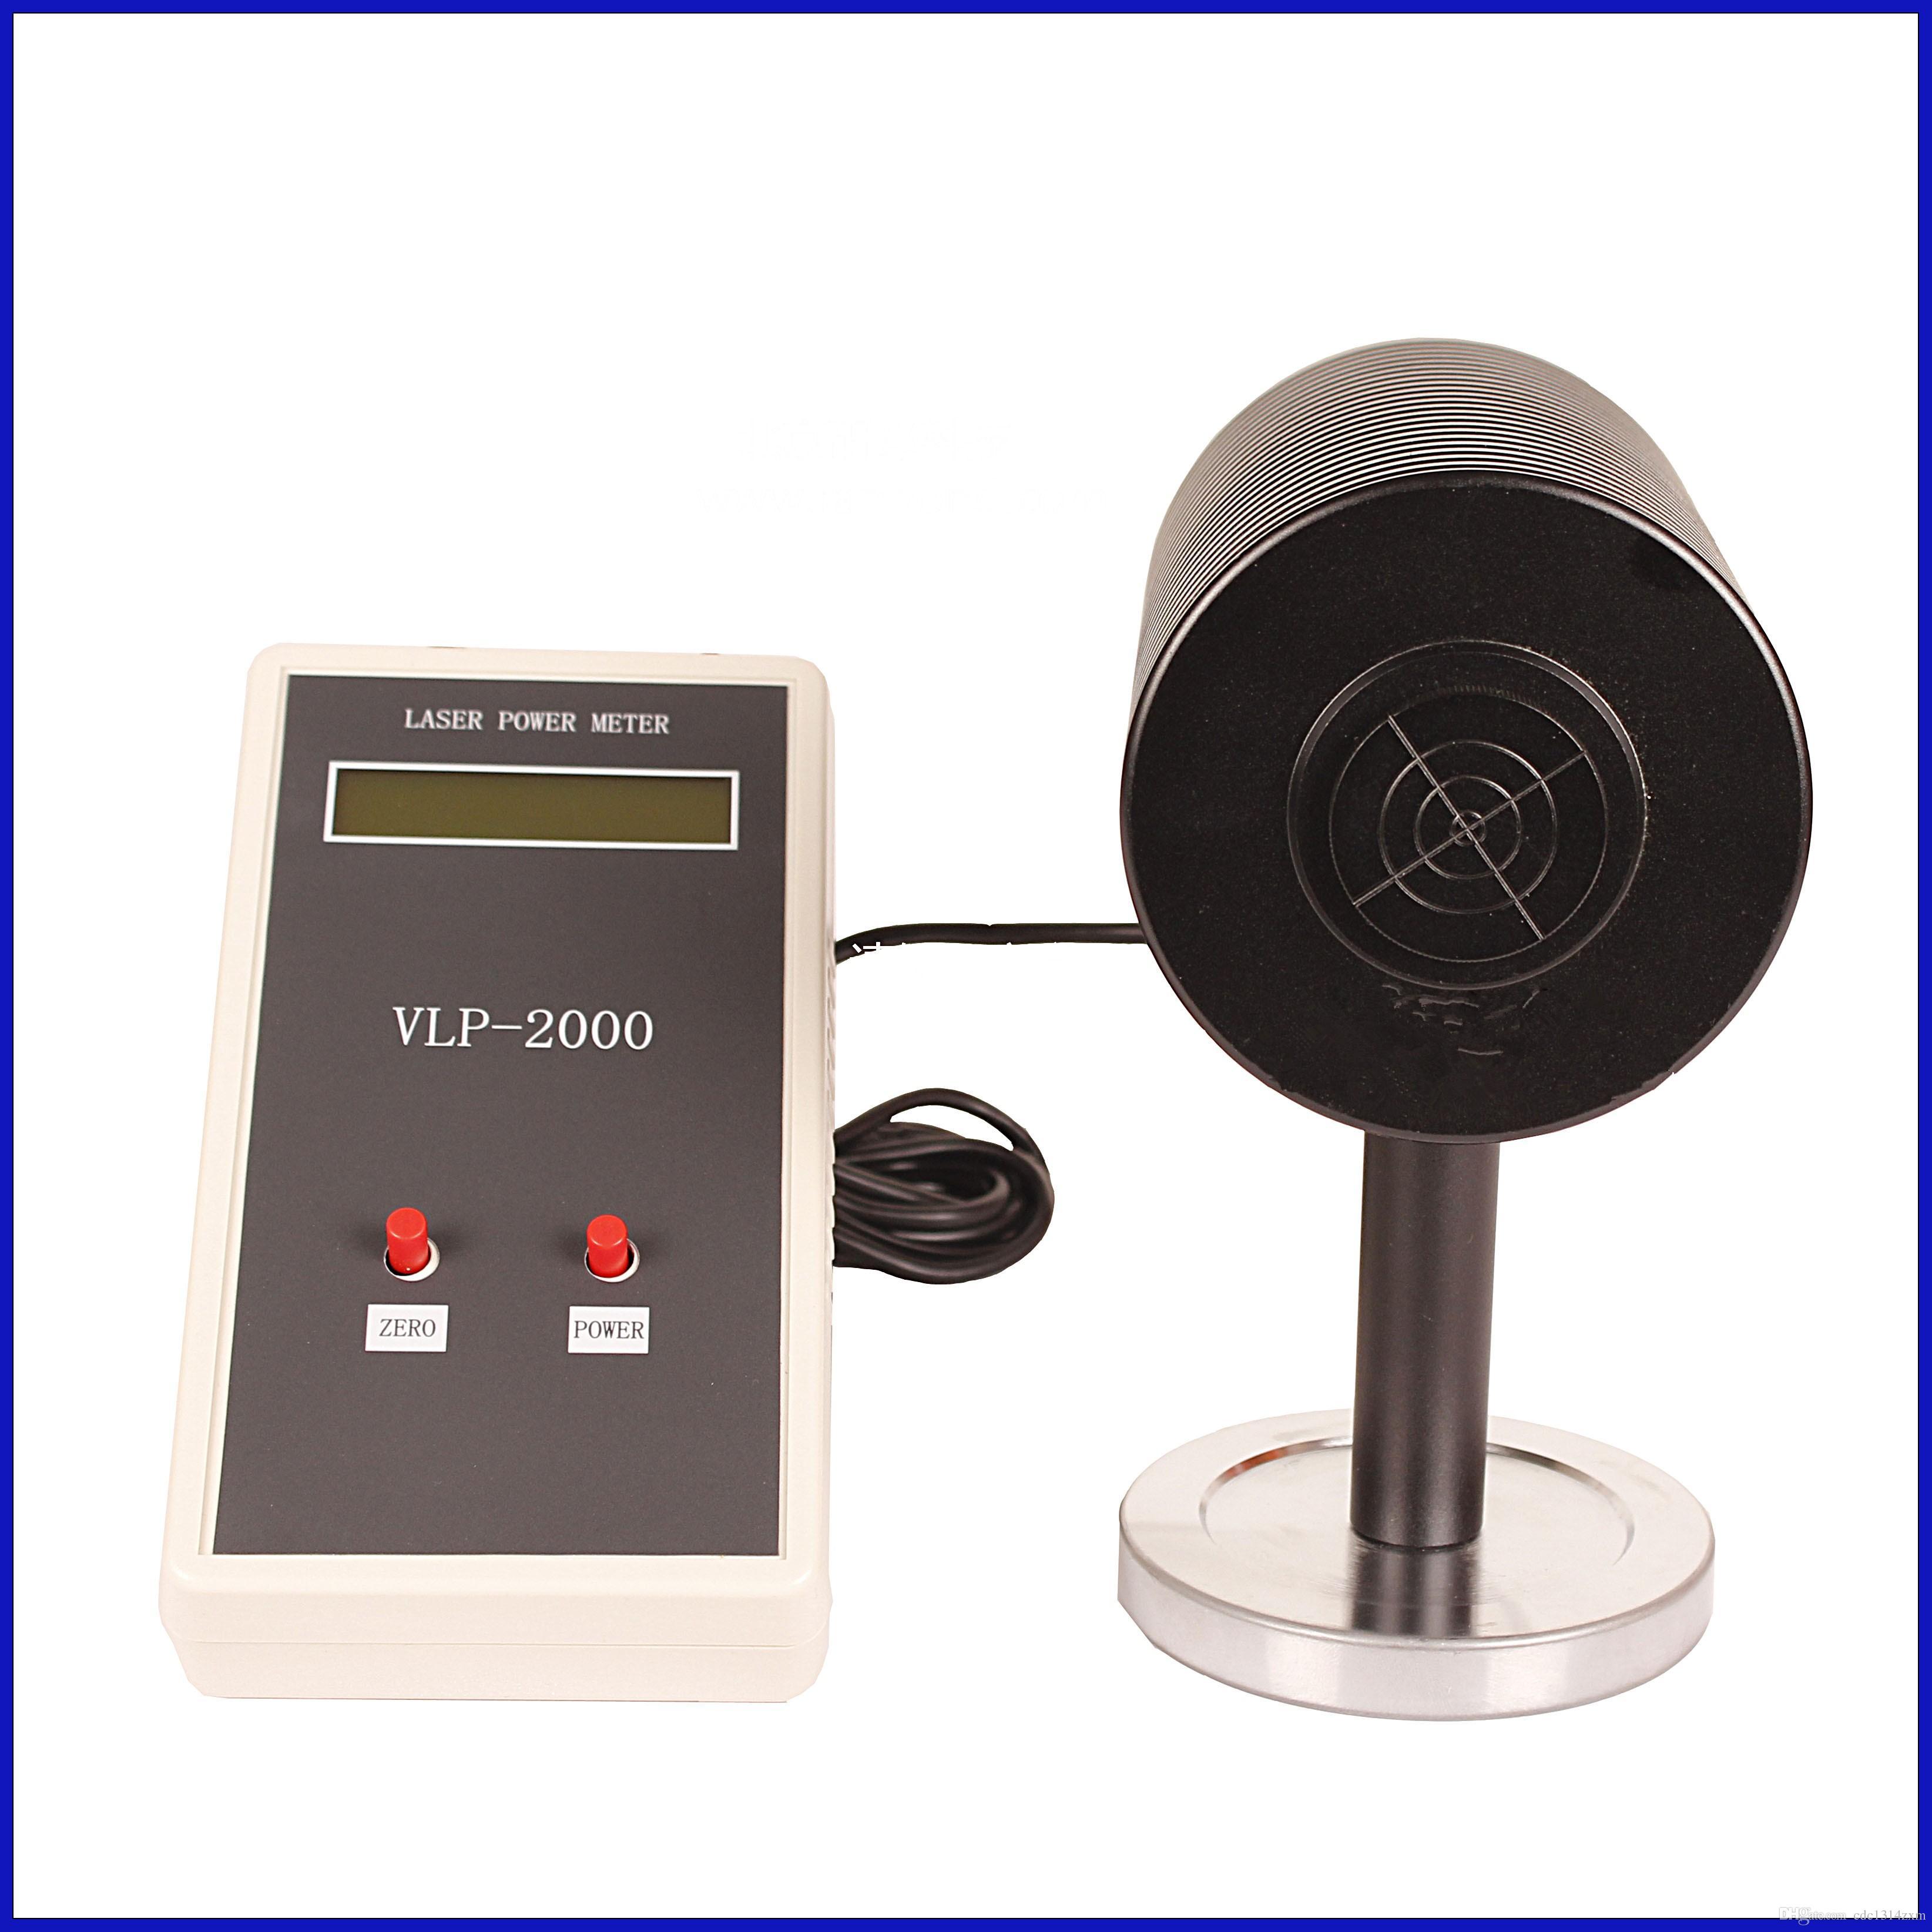 Laser Energy Meters : Vlp laser power meter energy